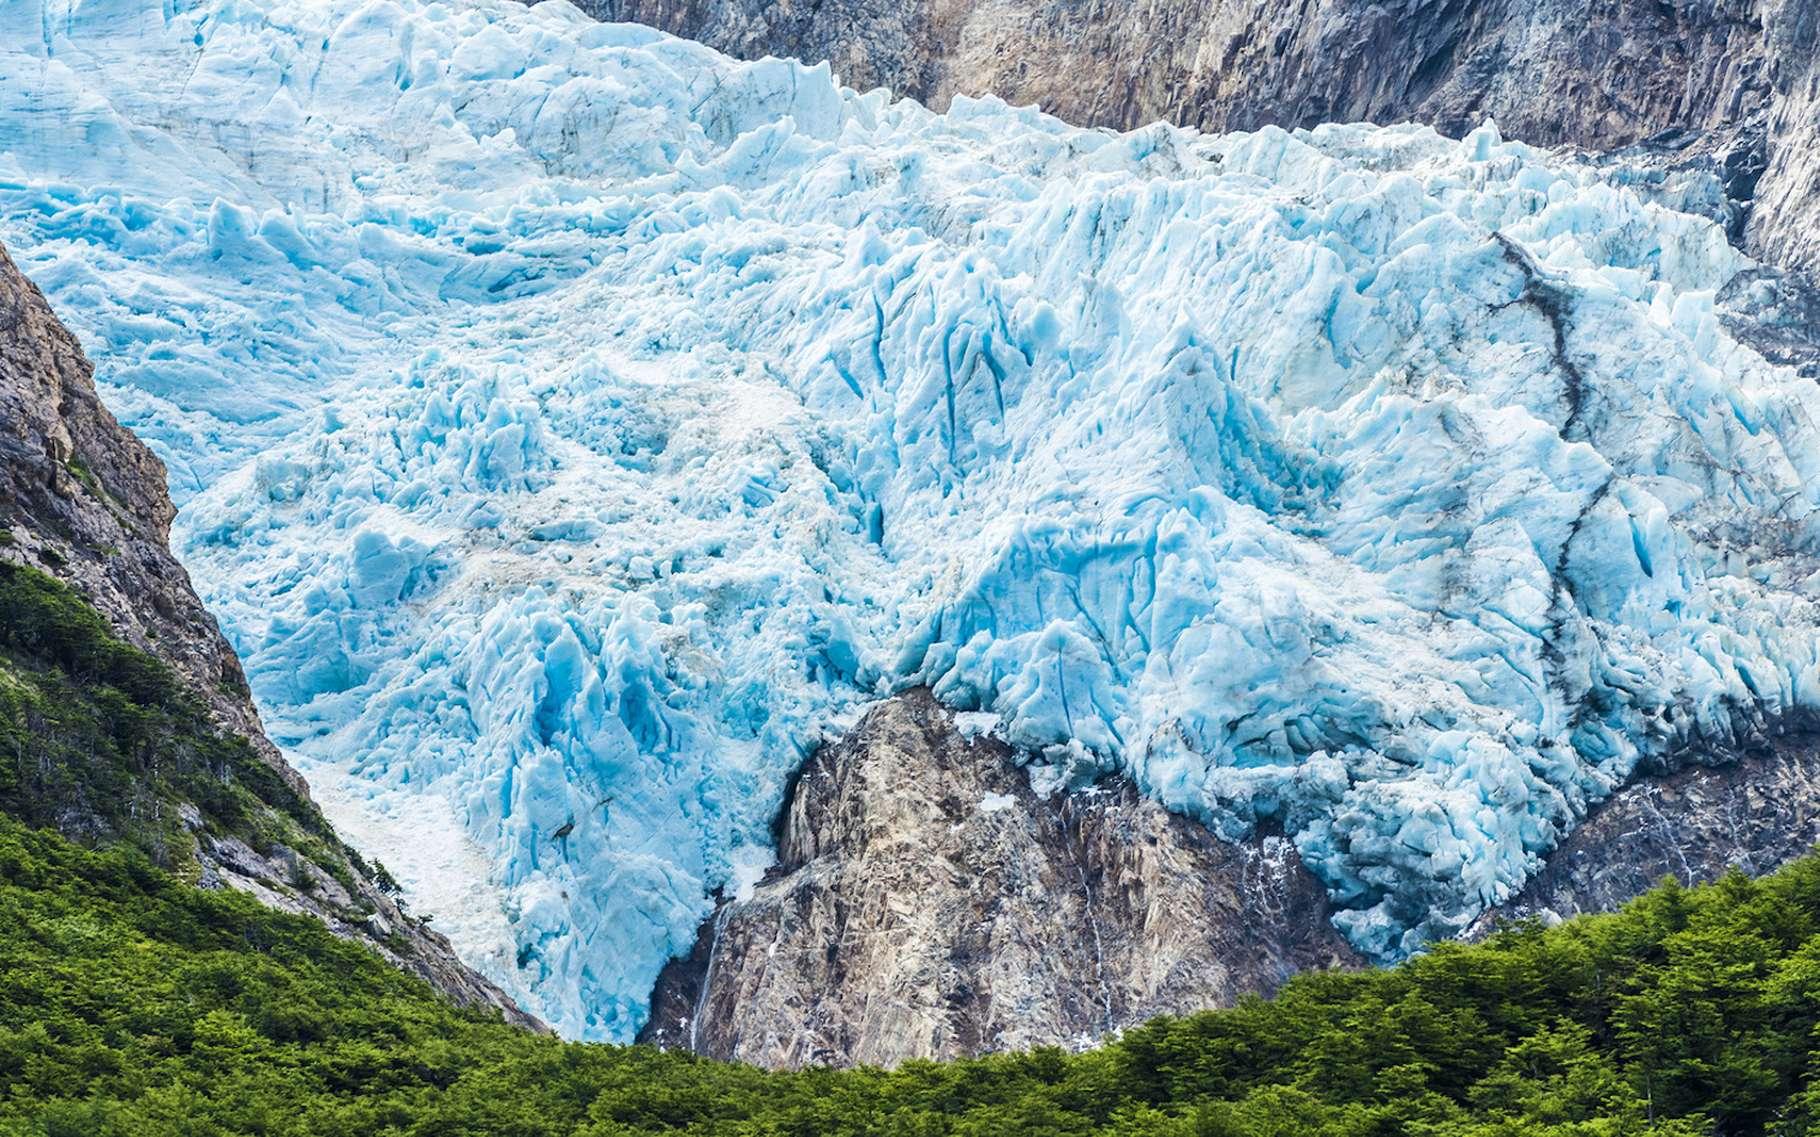 Au cœur du Parc national de Los Glaciares, en Argentine, les glaciers pourraient enregistrer une perte de 60 % de leur volume de glace actuel. © Fyle, Fotolia